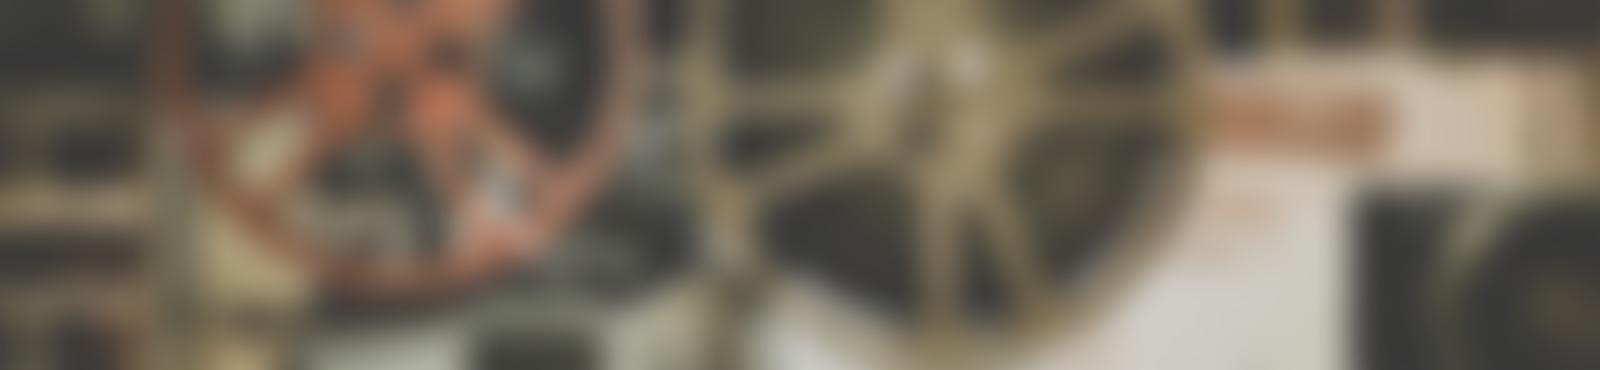 Blurred e9941c59 3523 4a86 89d1 3b381d3fd08e